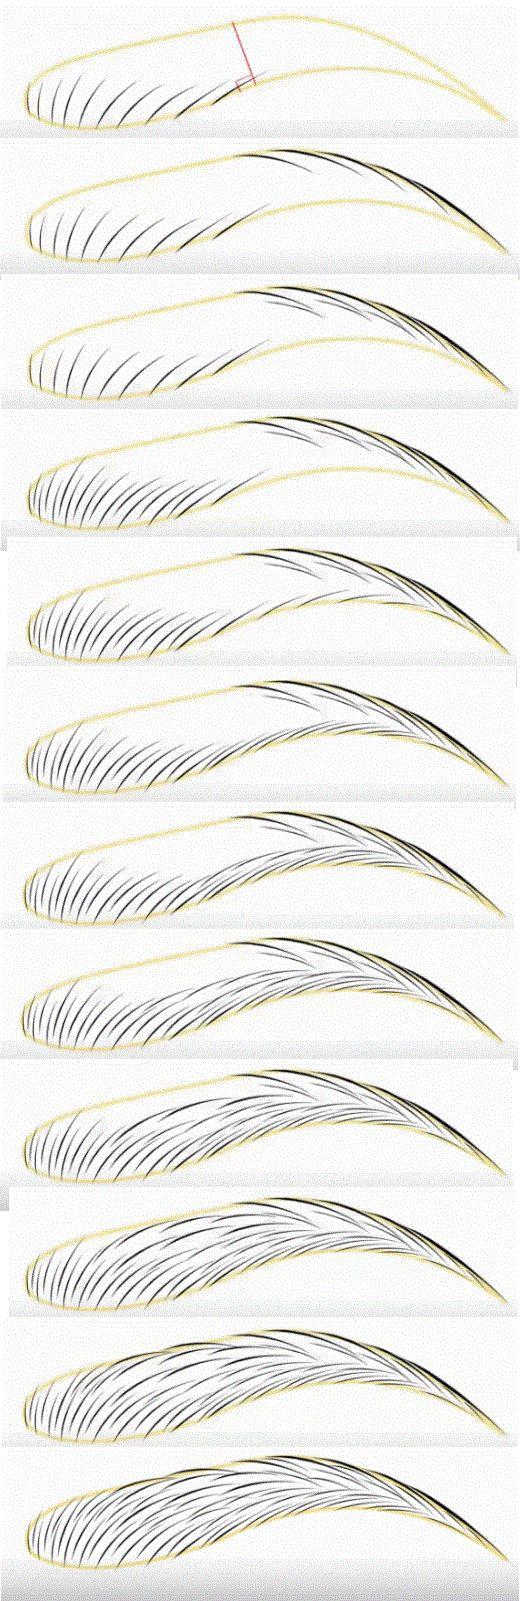 Microblading brow shape